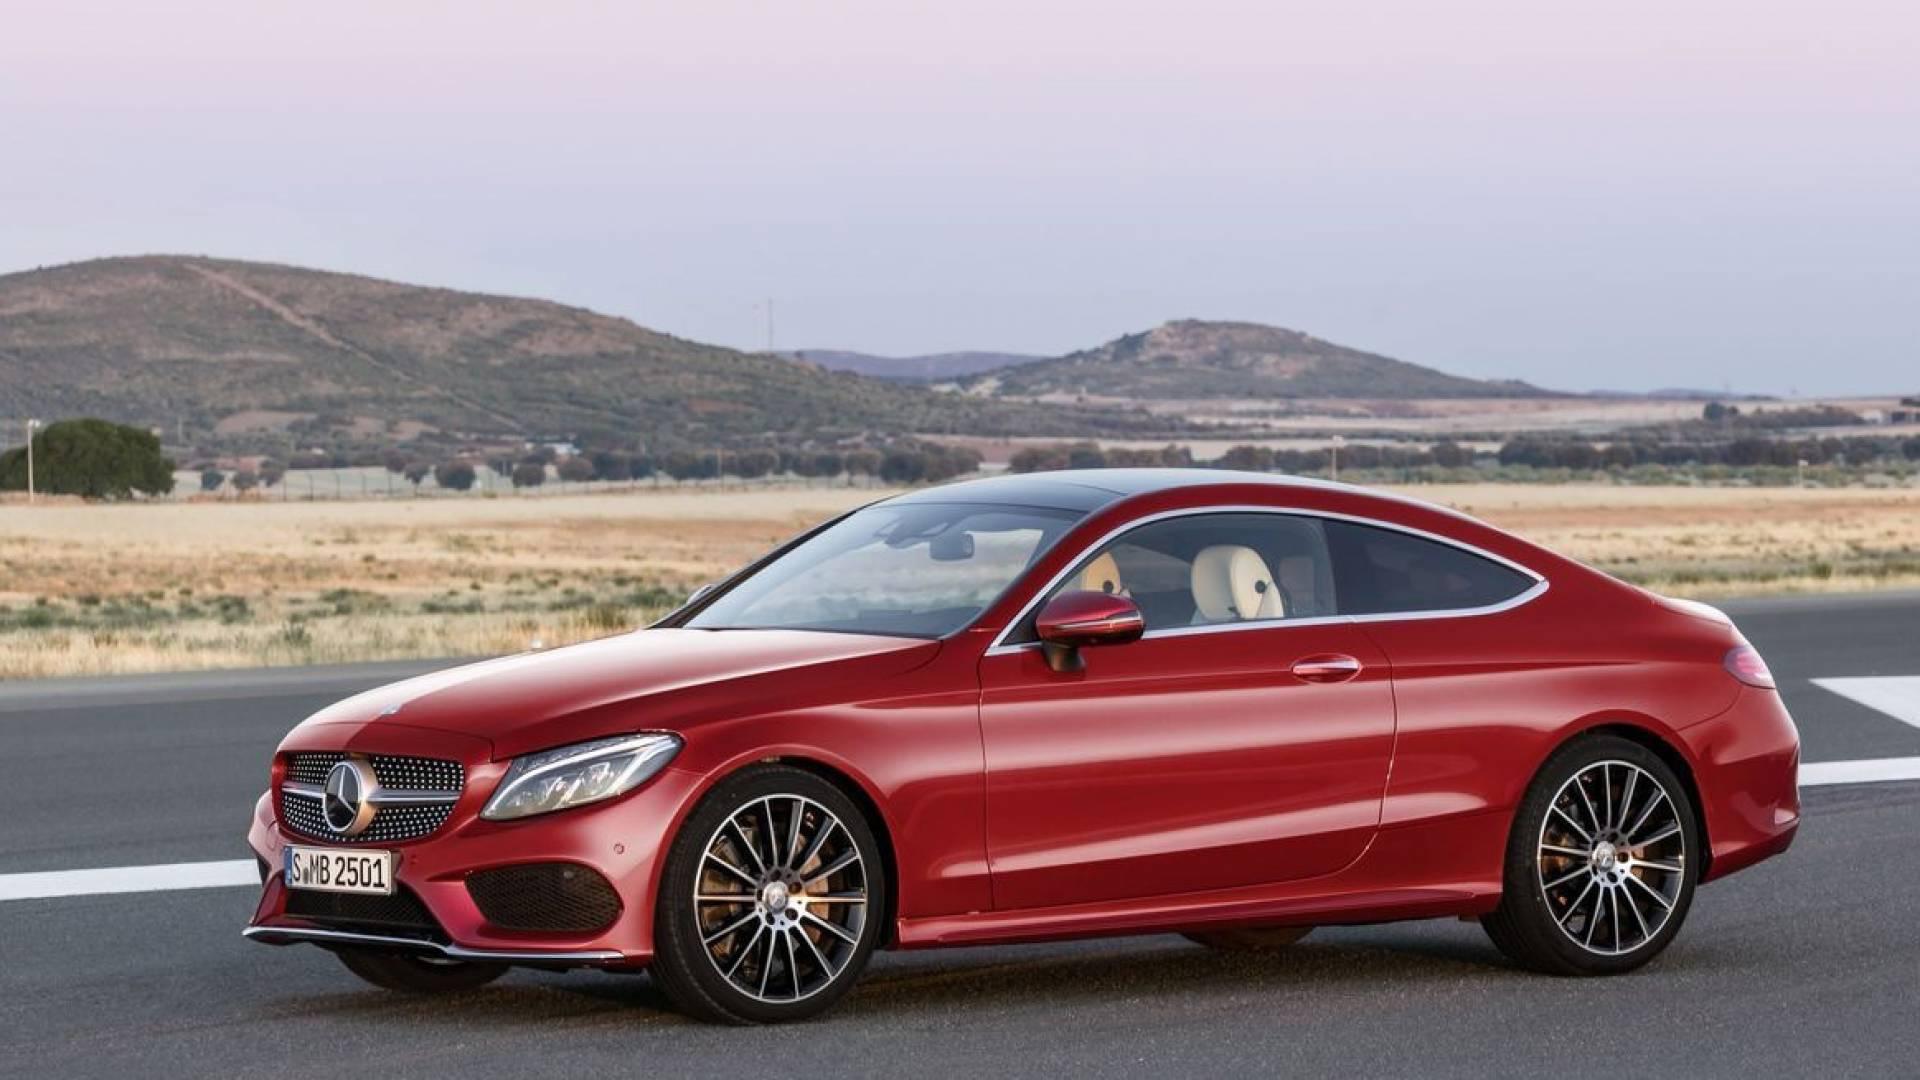 Mercedes clase c coup y c 63 amg coup precios prueba for Mercedes benz clase c 2017 precio